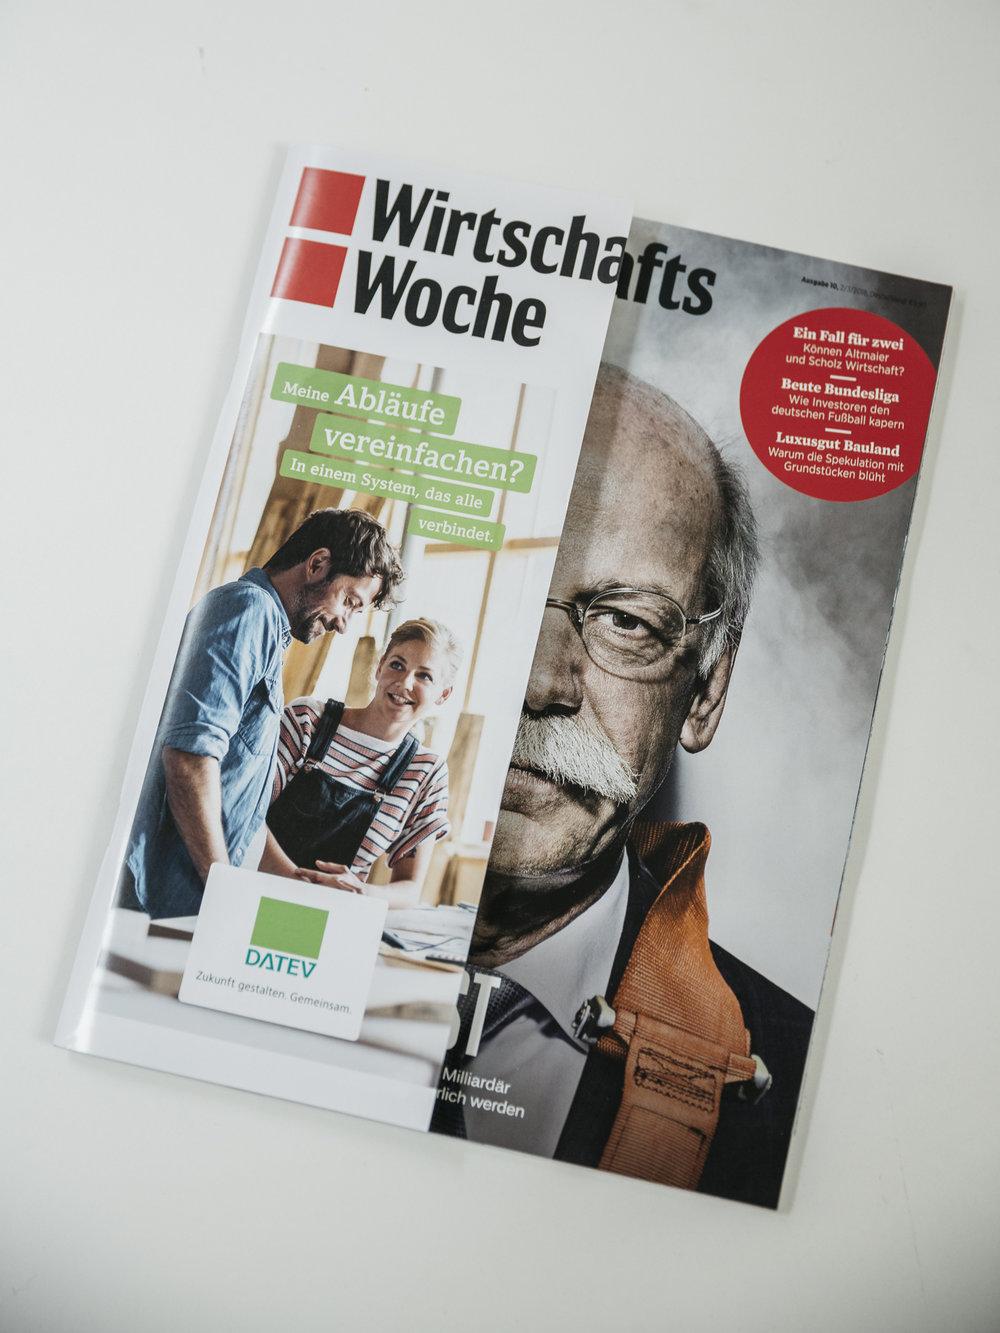 wirtschaftswoche_published-20180405-016.jpg